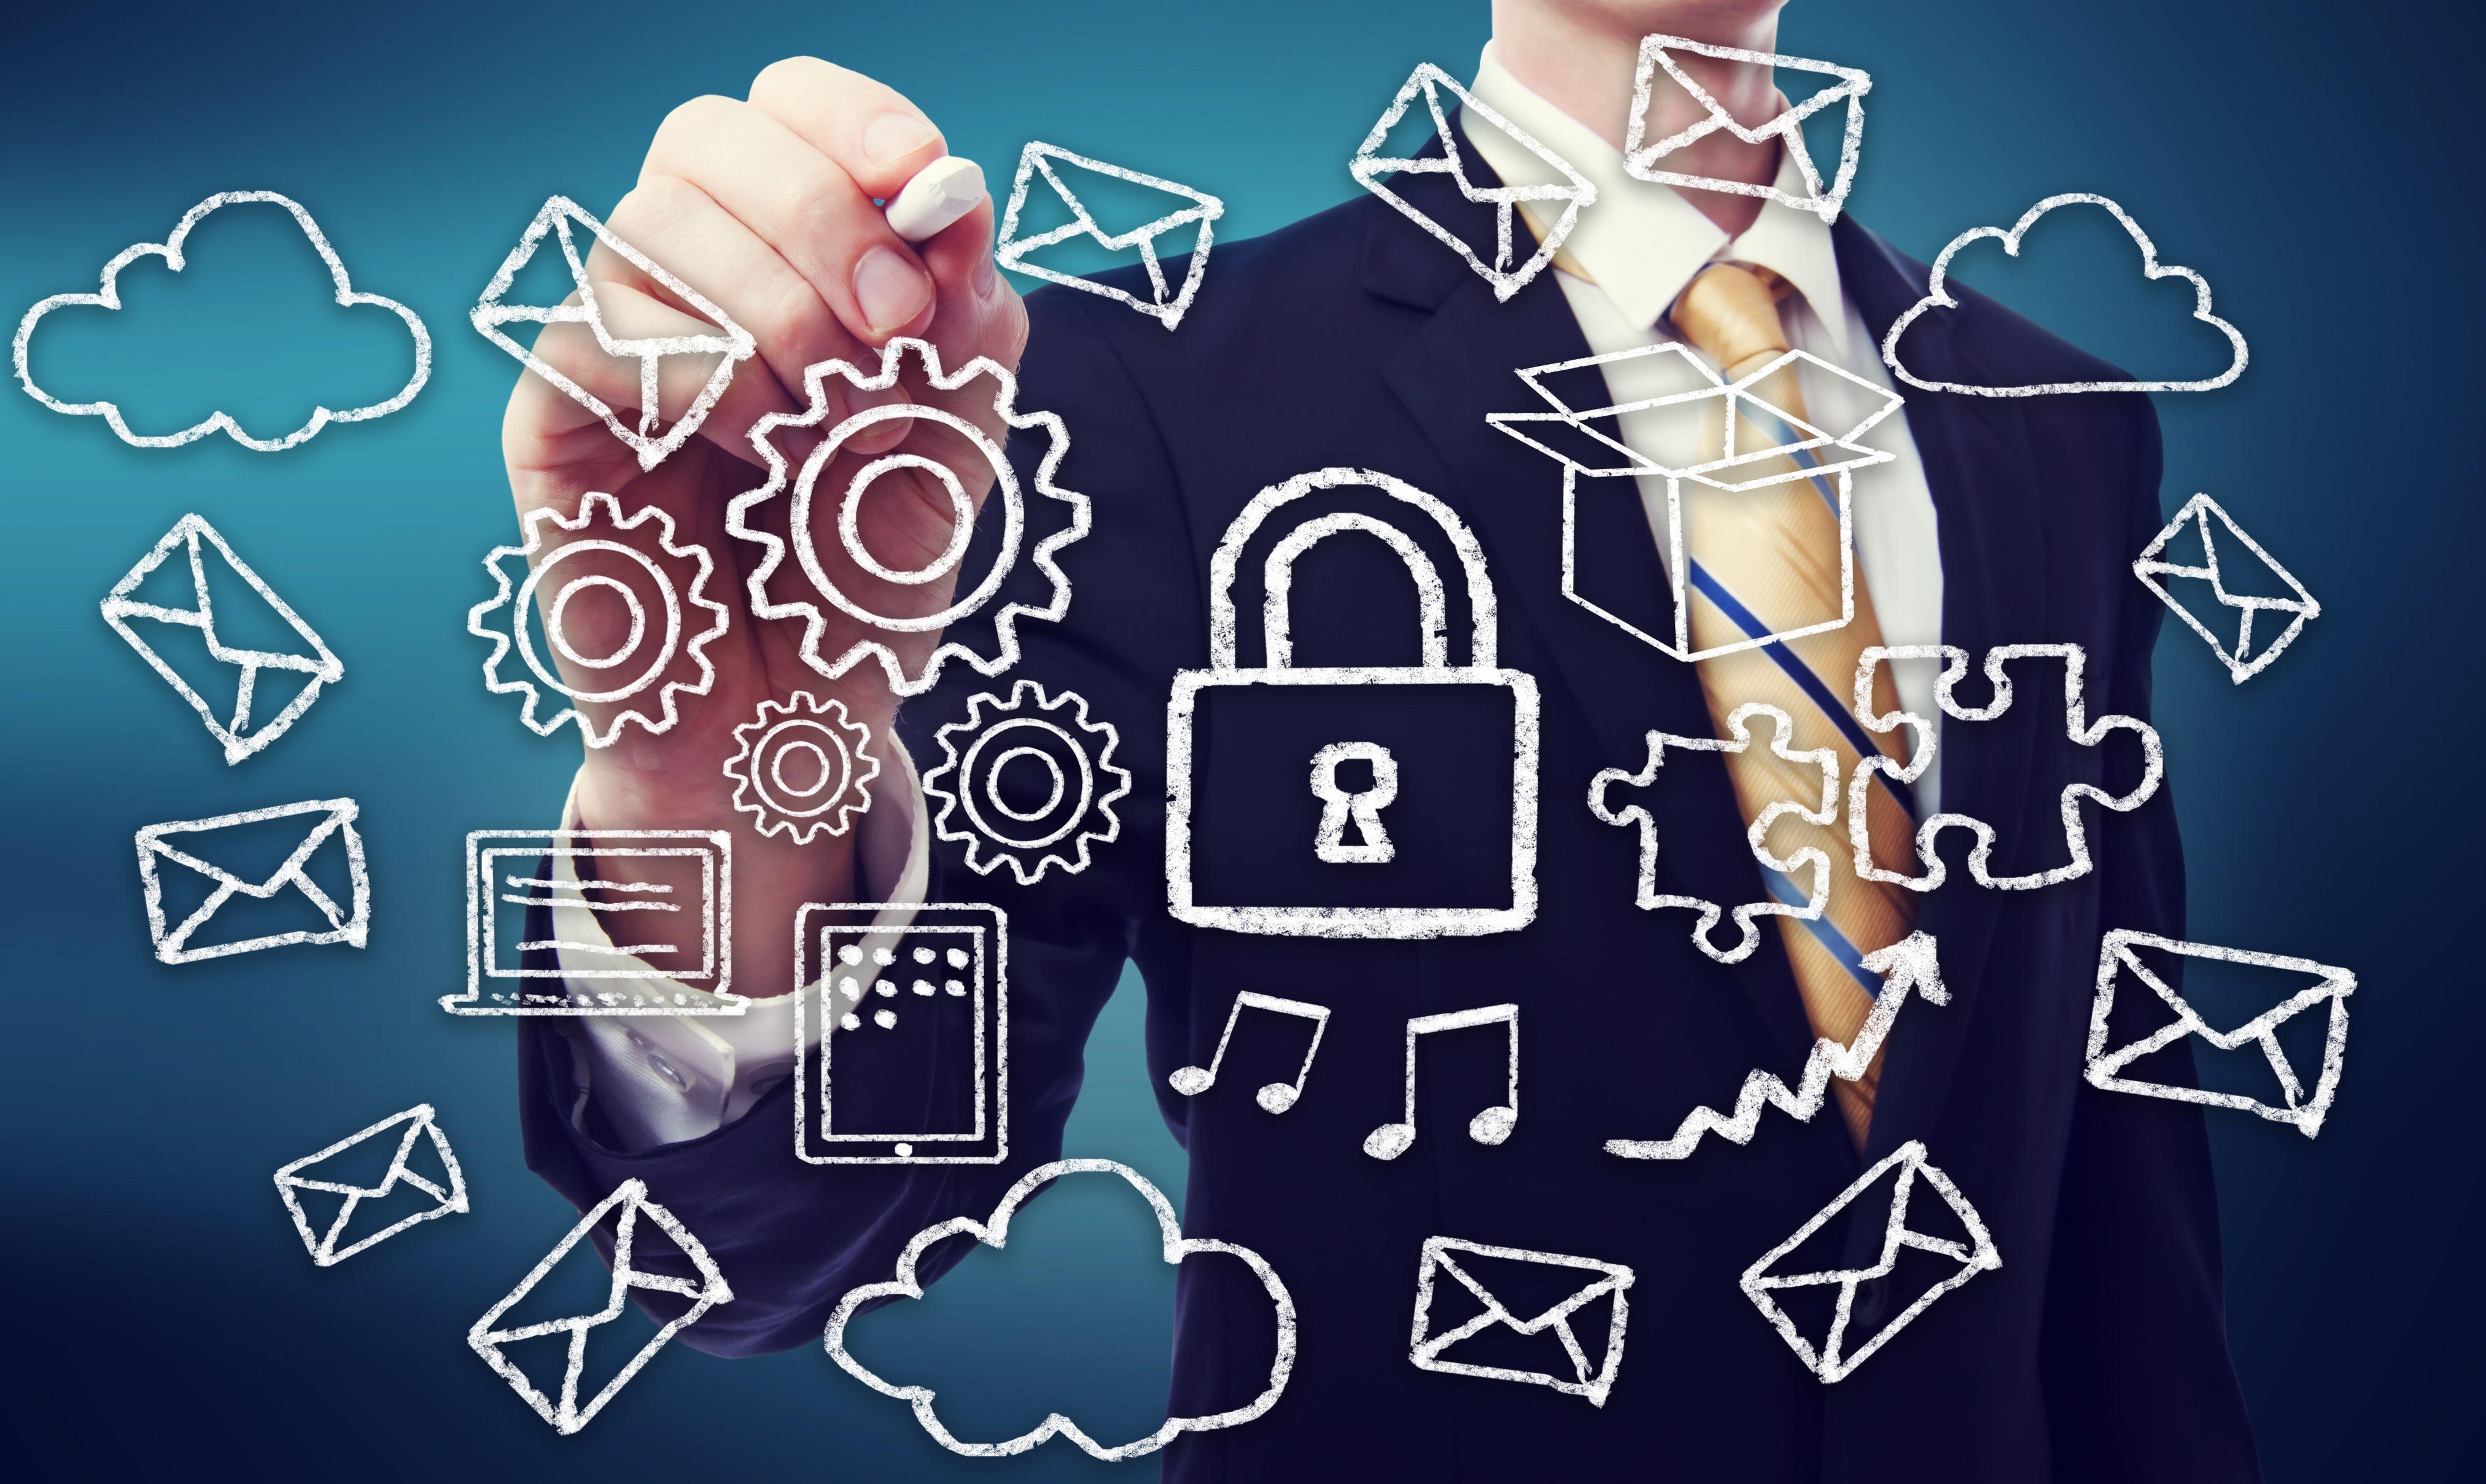 ¿Debemos dejar de utilizar servicios como mailchimp, dropbox, google drive…?